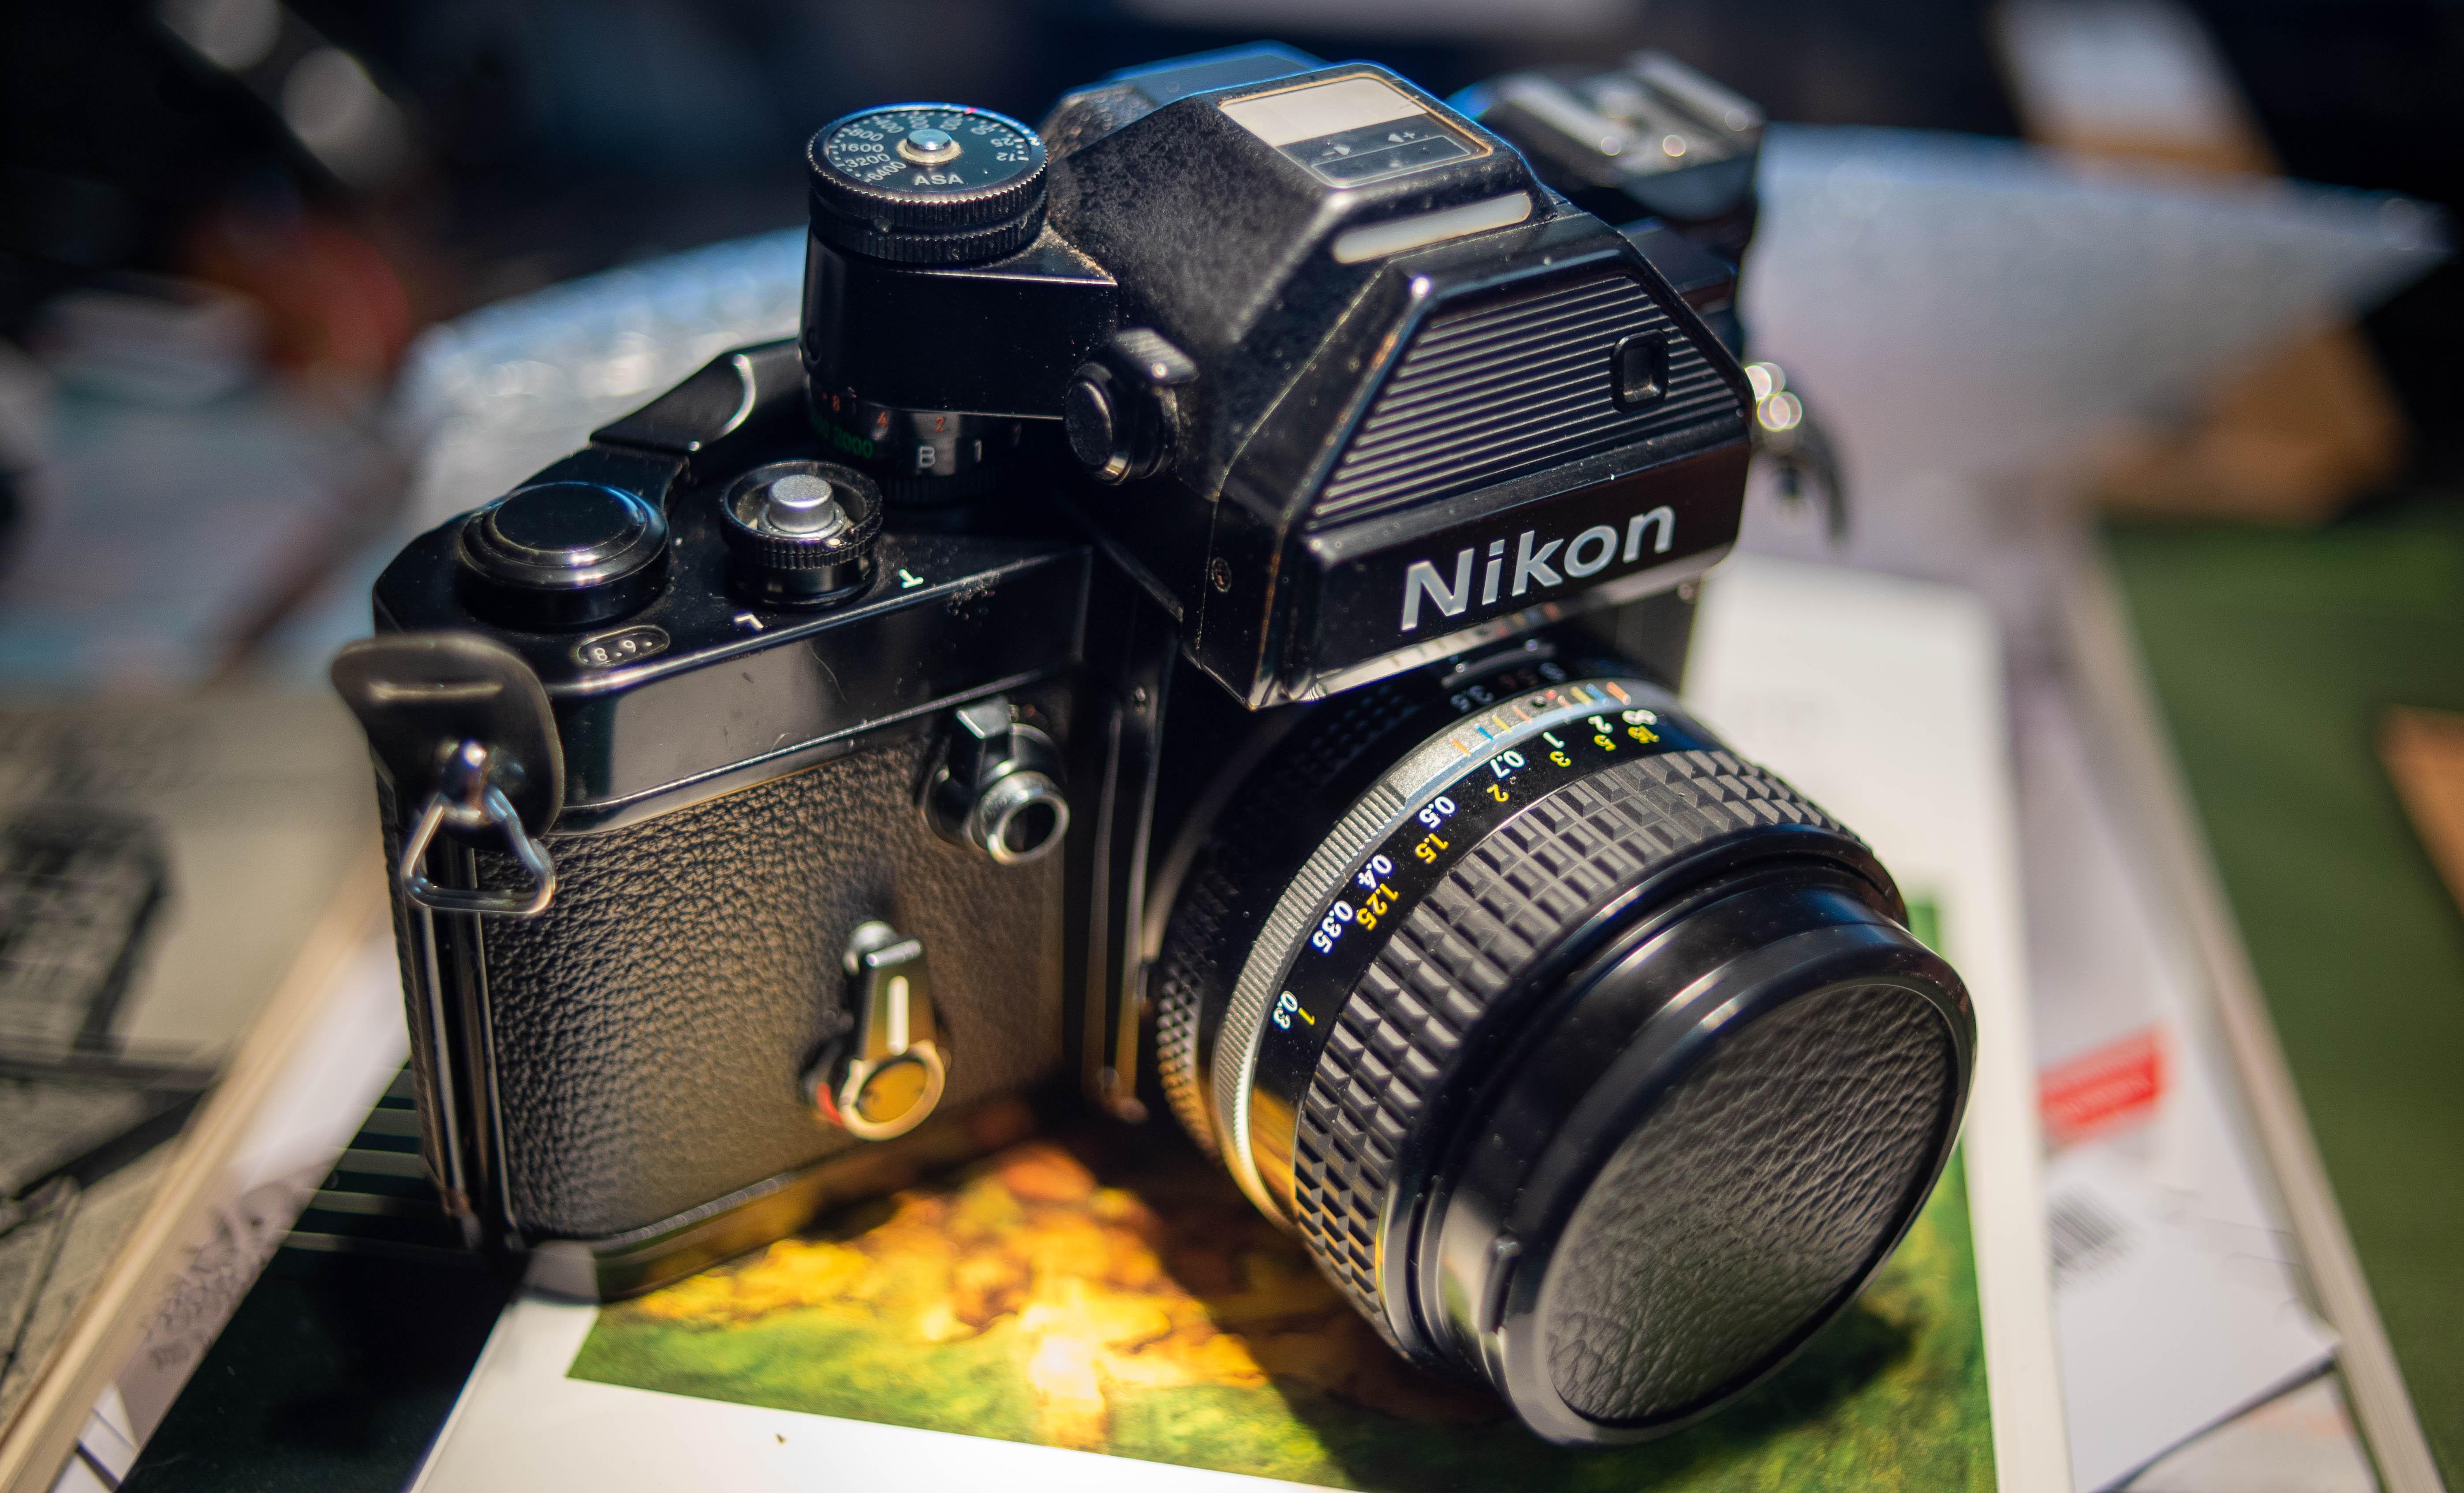 ремонт пленочные фотокамеры нестись предзакатную